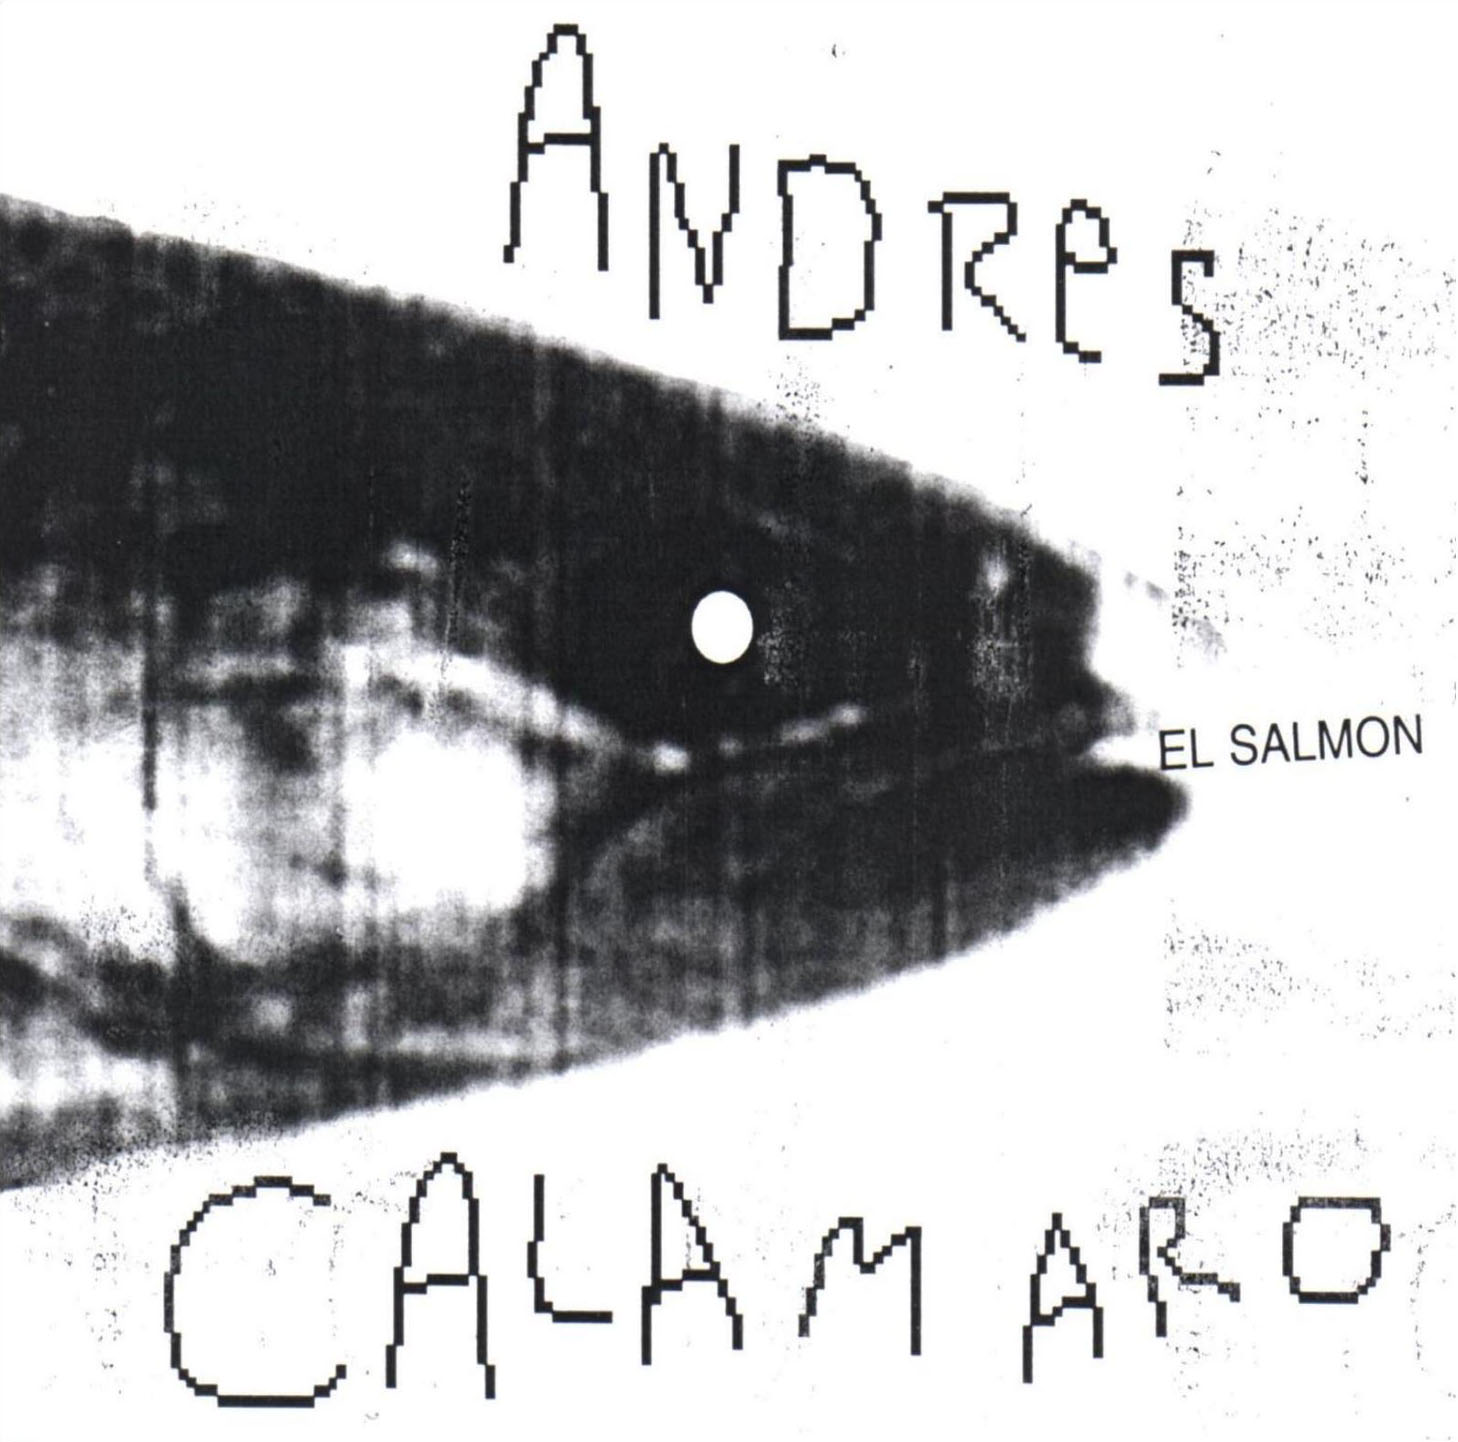 El salmón